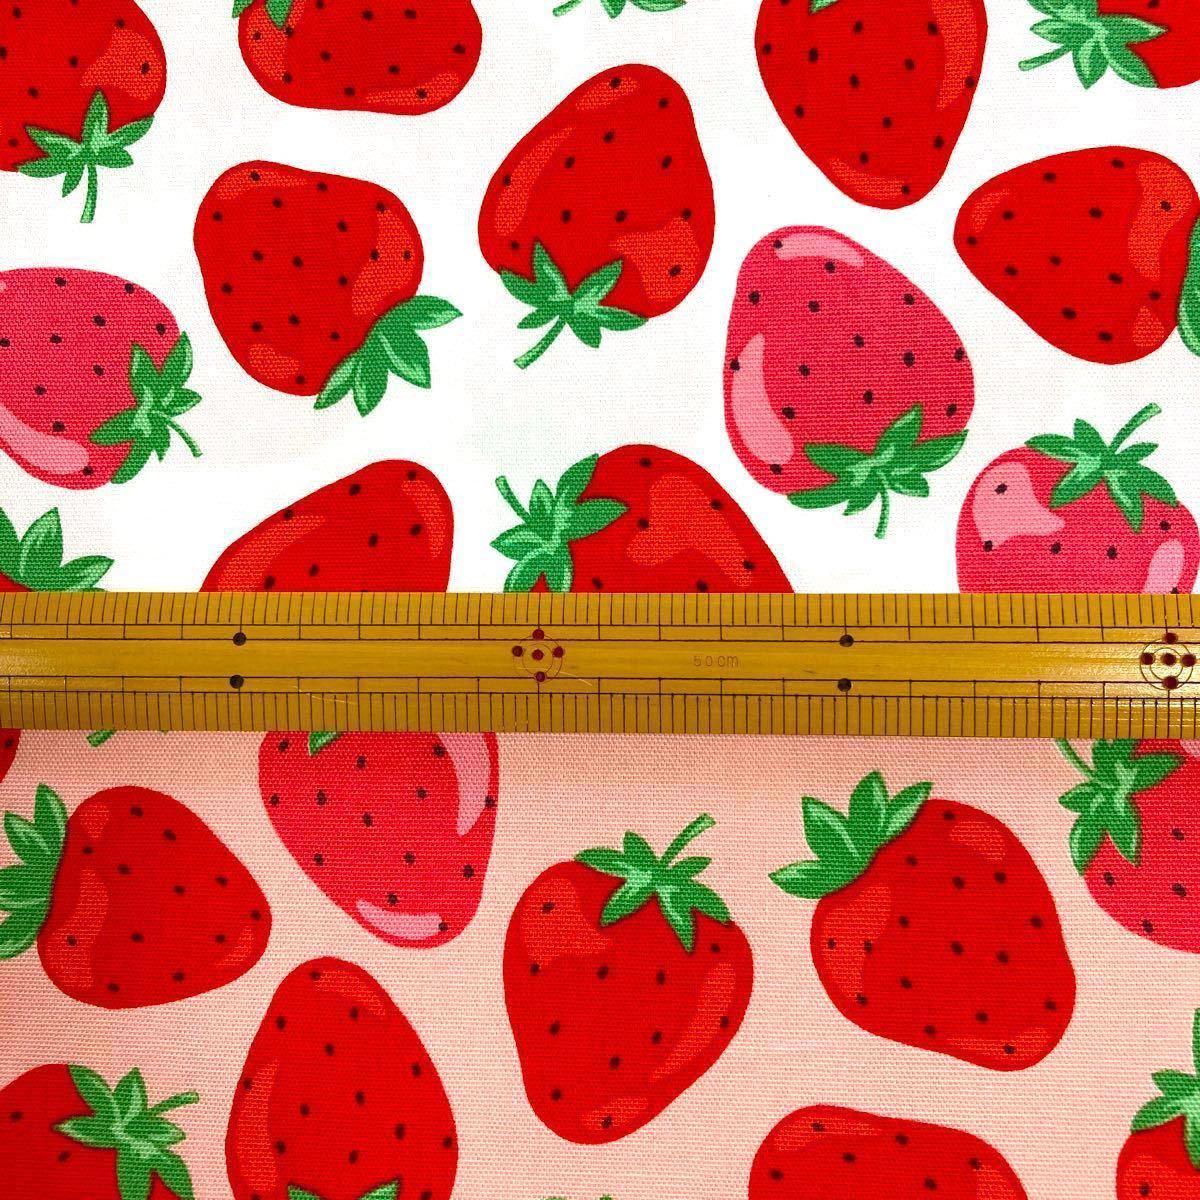 綿オックス:大きな苺・色違い2枚セット:各(生地幅×50):生地ハギレ:単品の場合は1枚650円